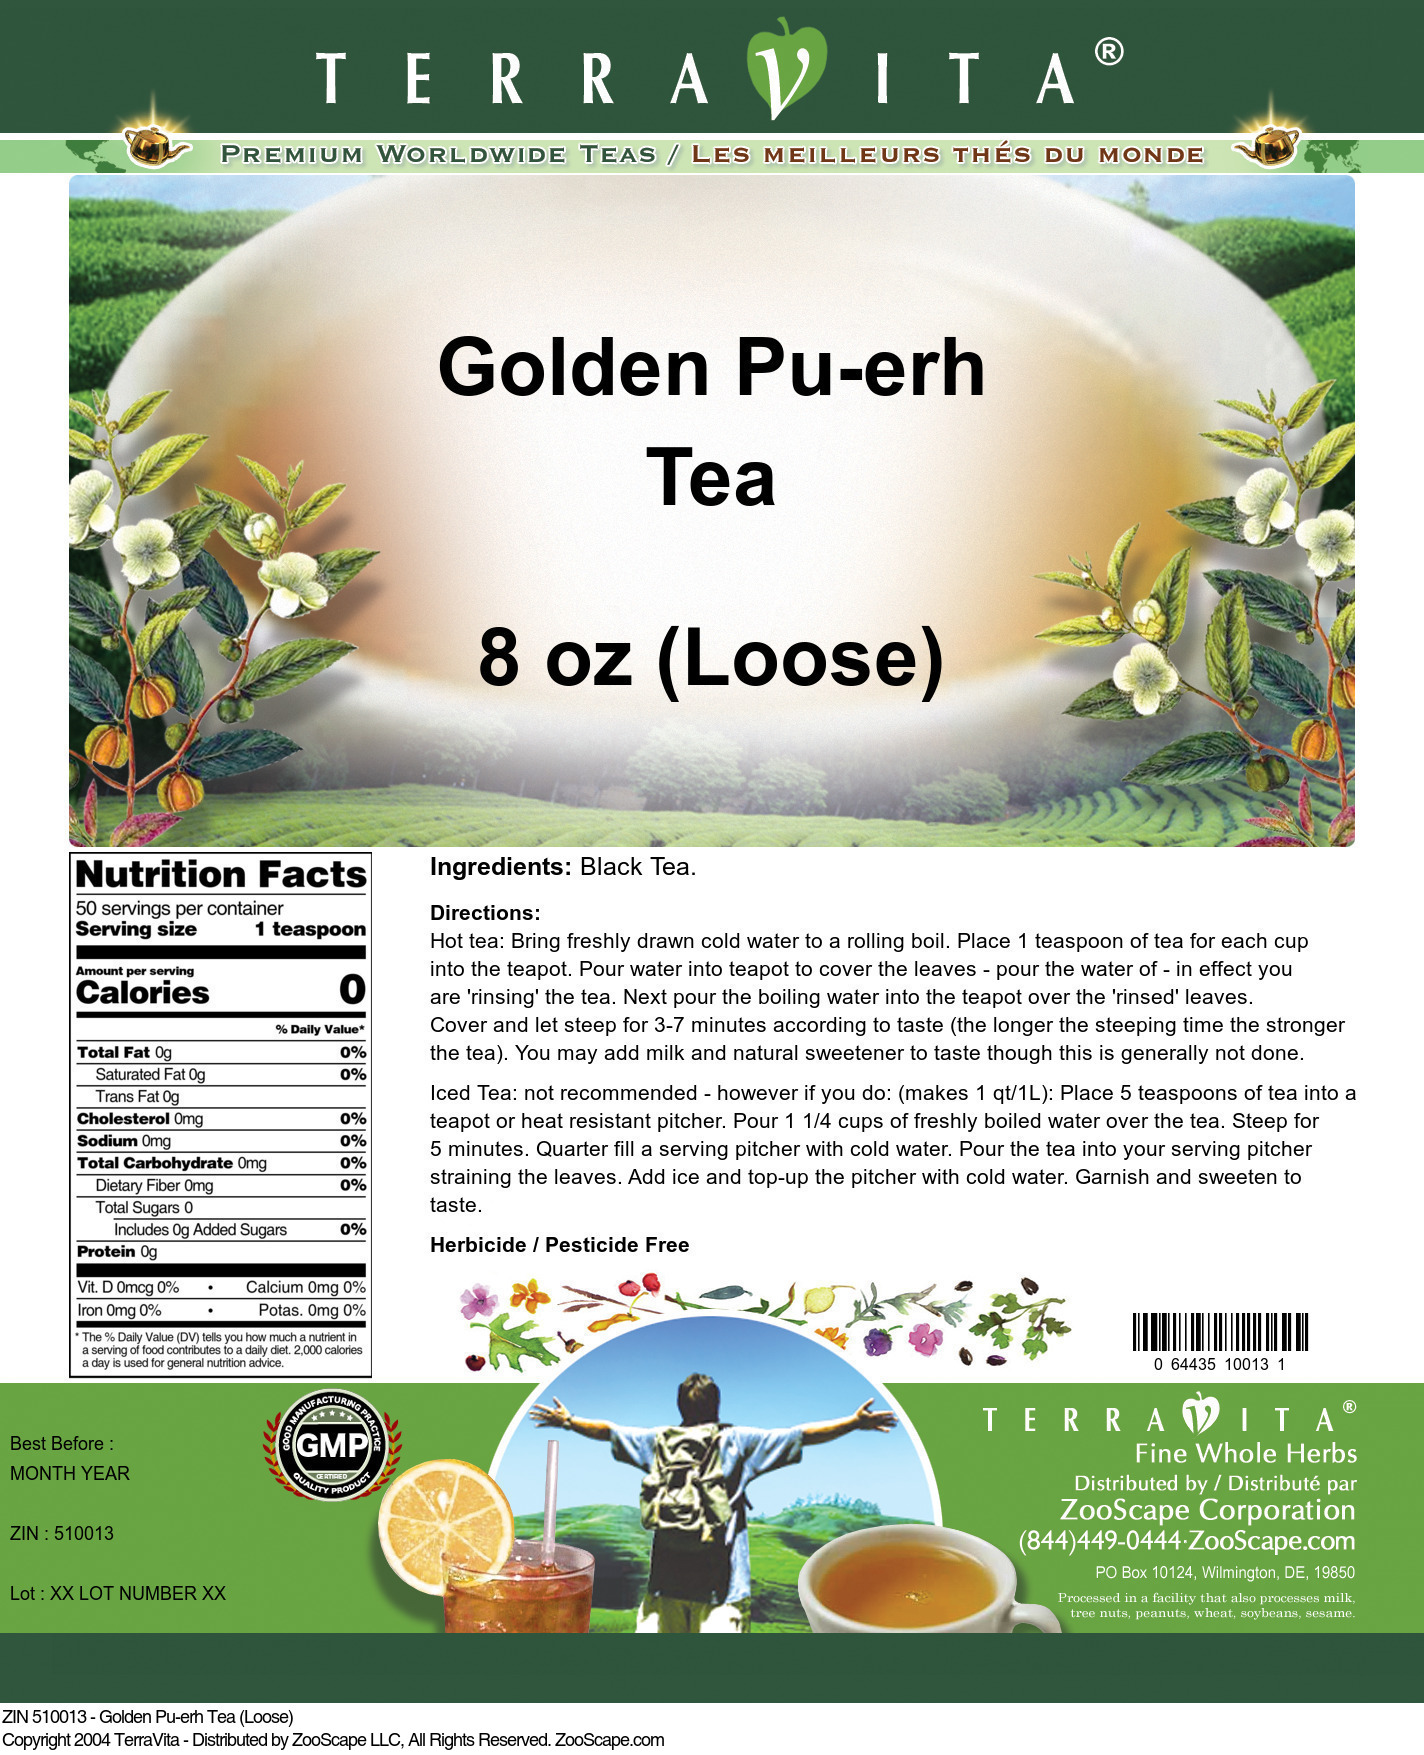 Golden Pu-erh Tea (Loose)